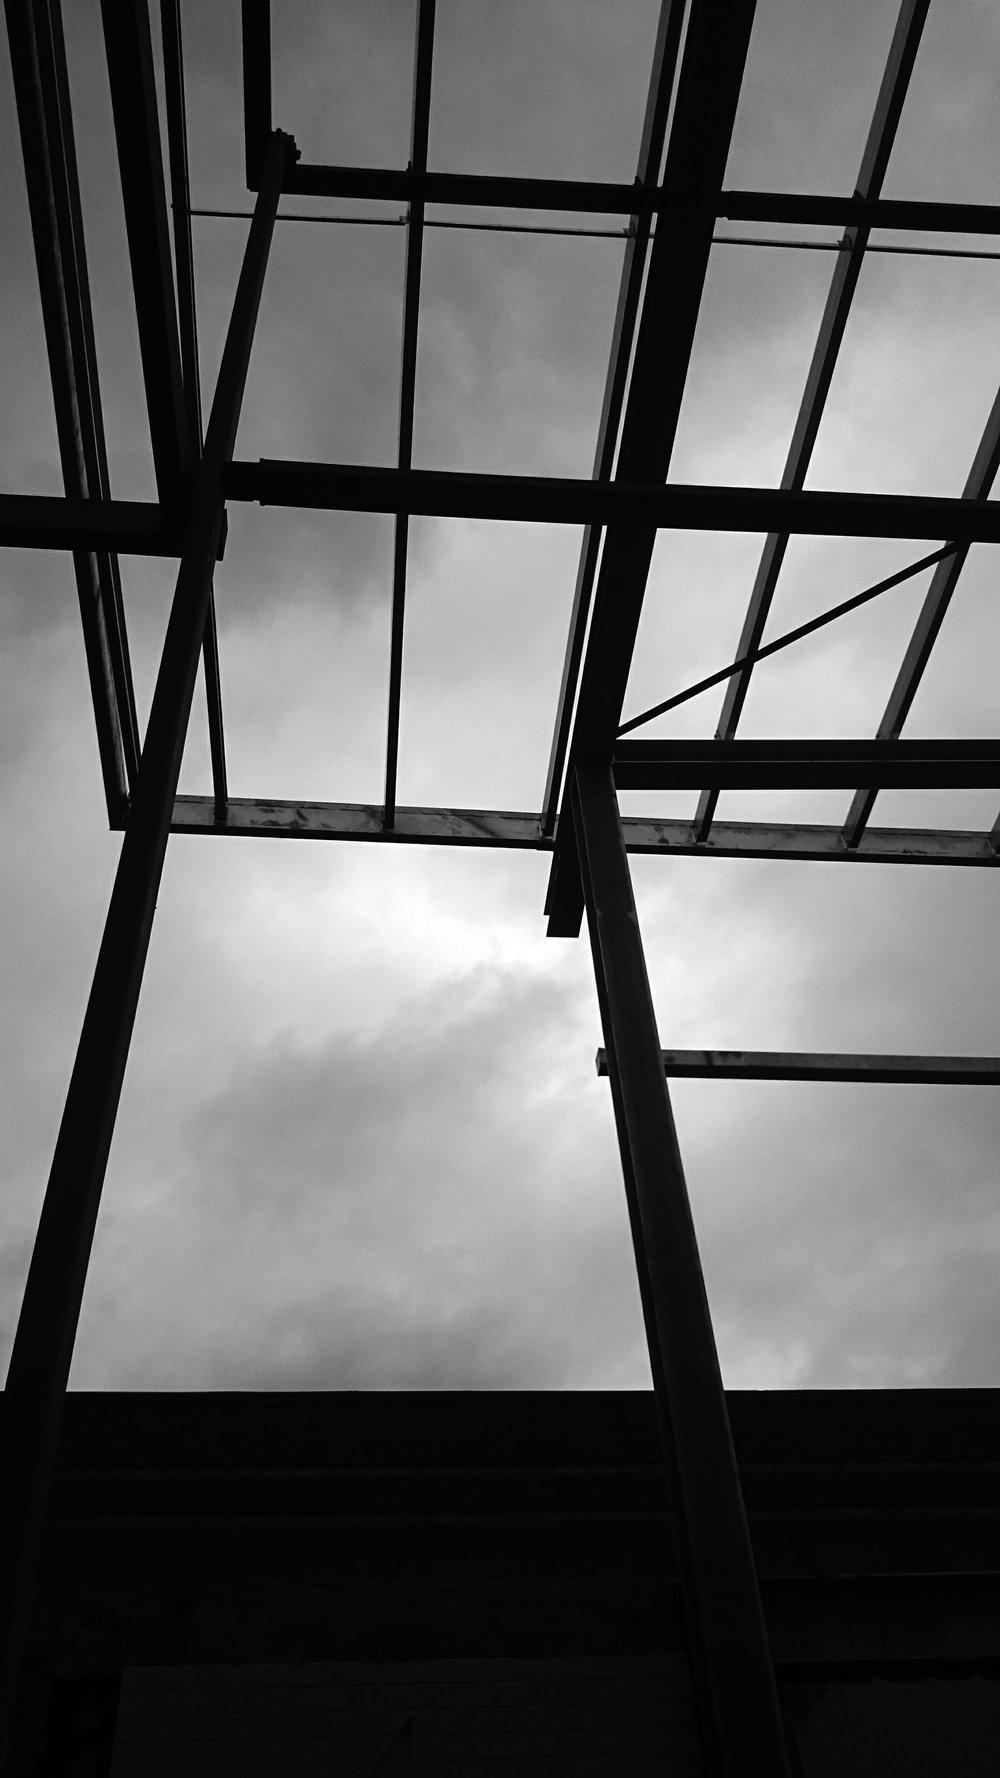 frame-sfw.jpg